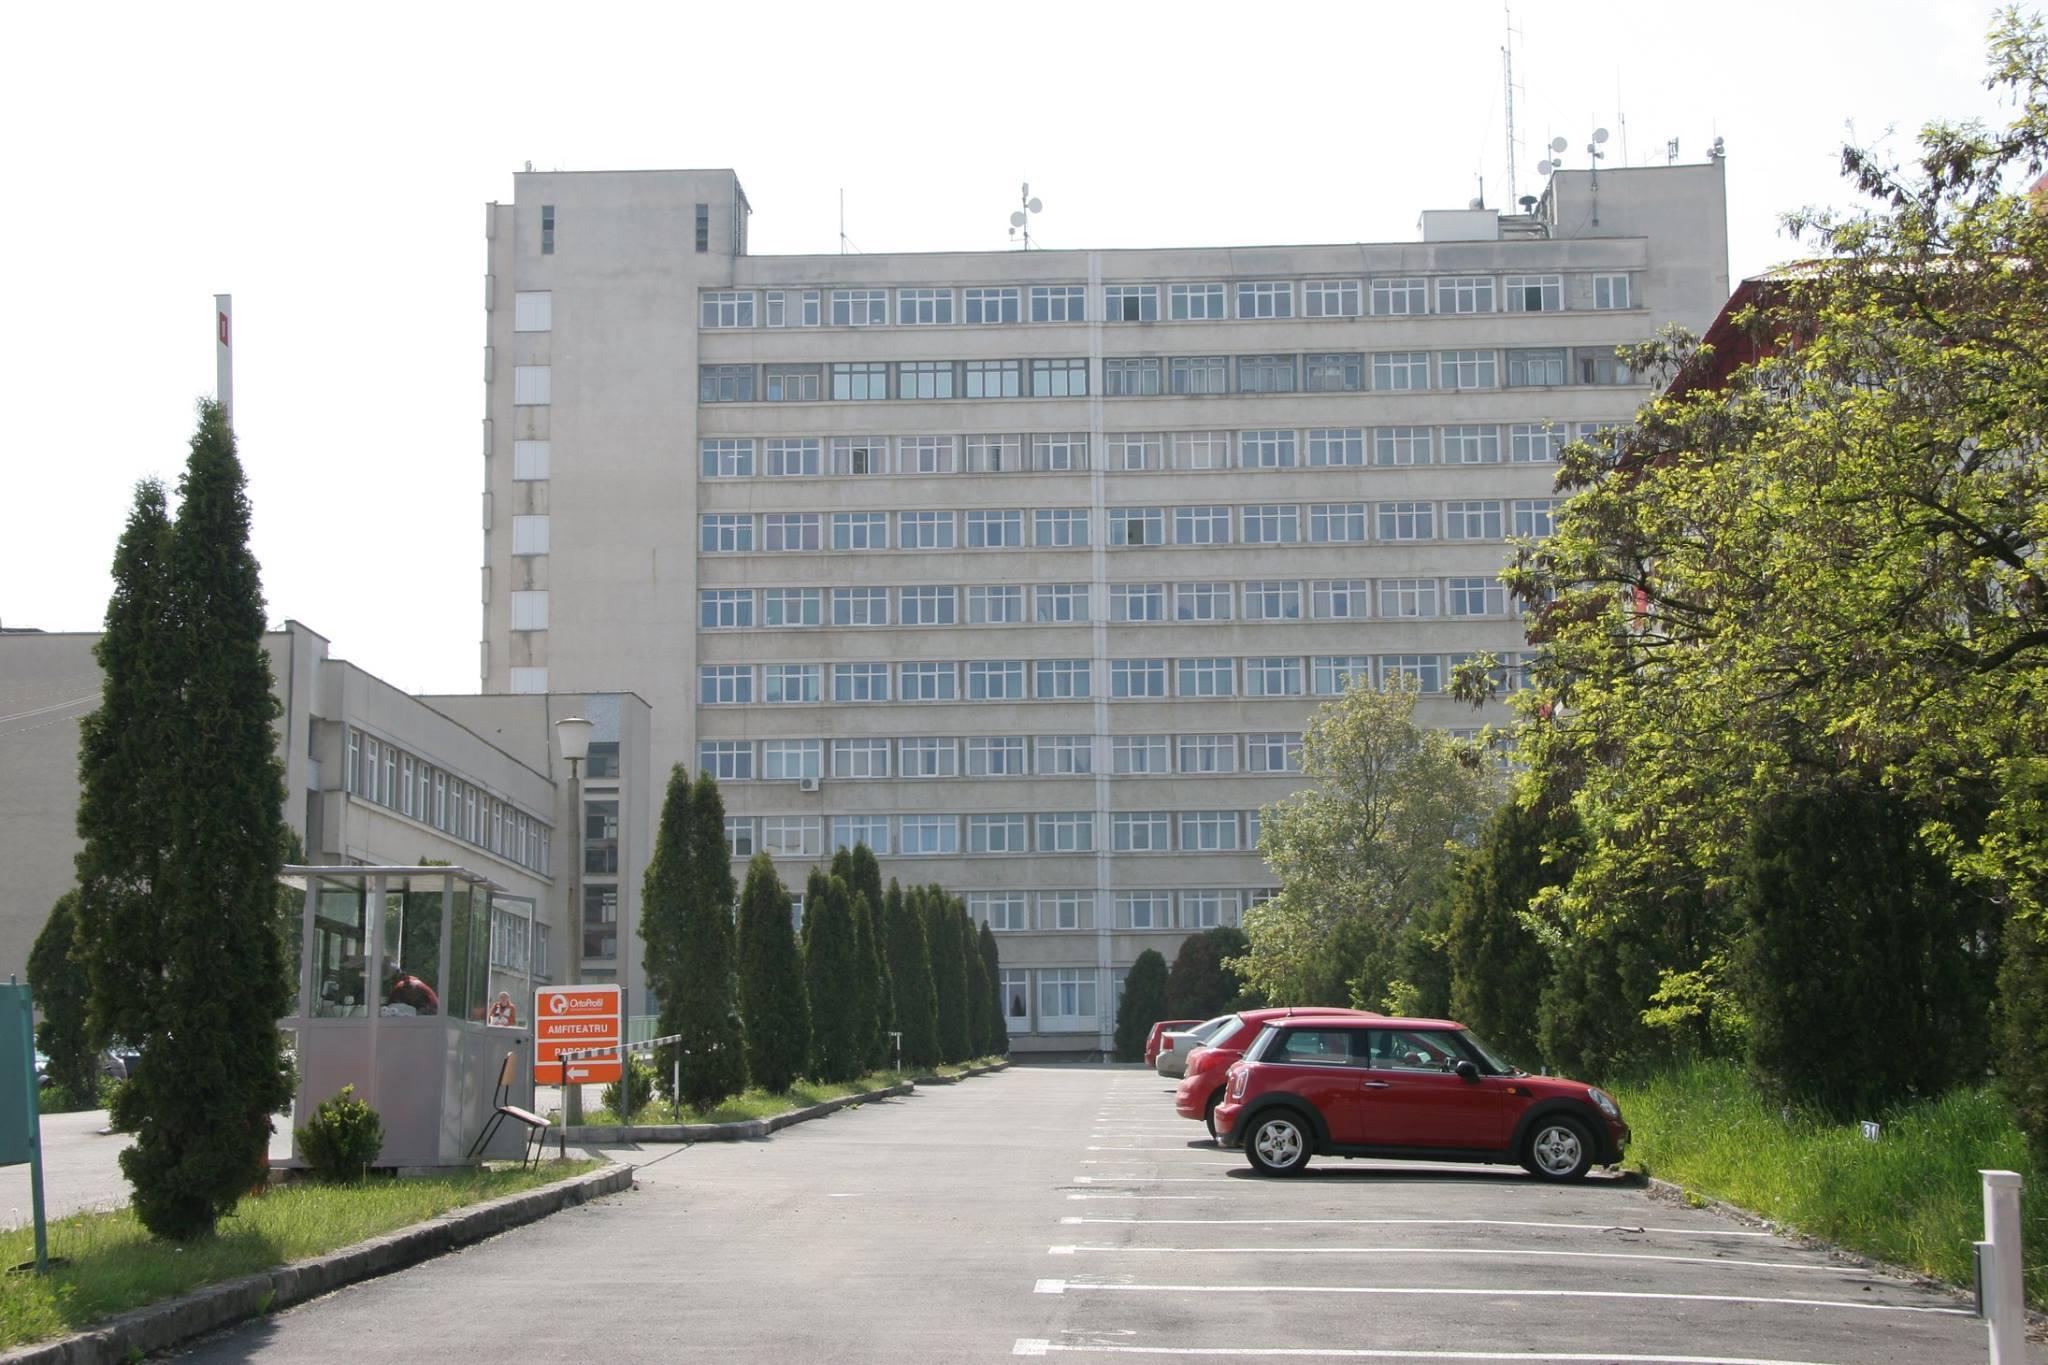 Mită la Spitalul de Recuperare! Un reputat medic clujean riscă 10 ani de închisoare după ce a fost prins în flagrant luând MITĂ de câteva sute de euro